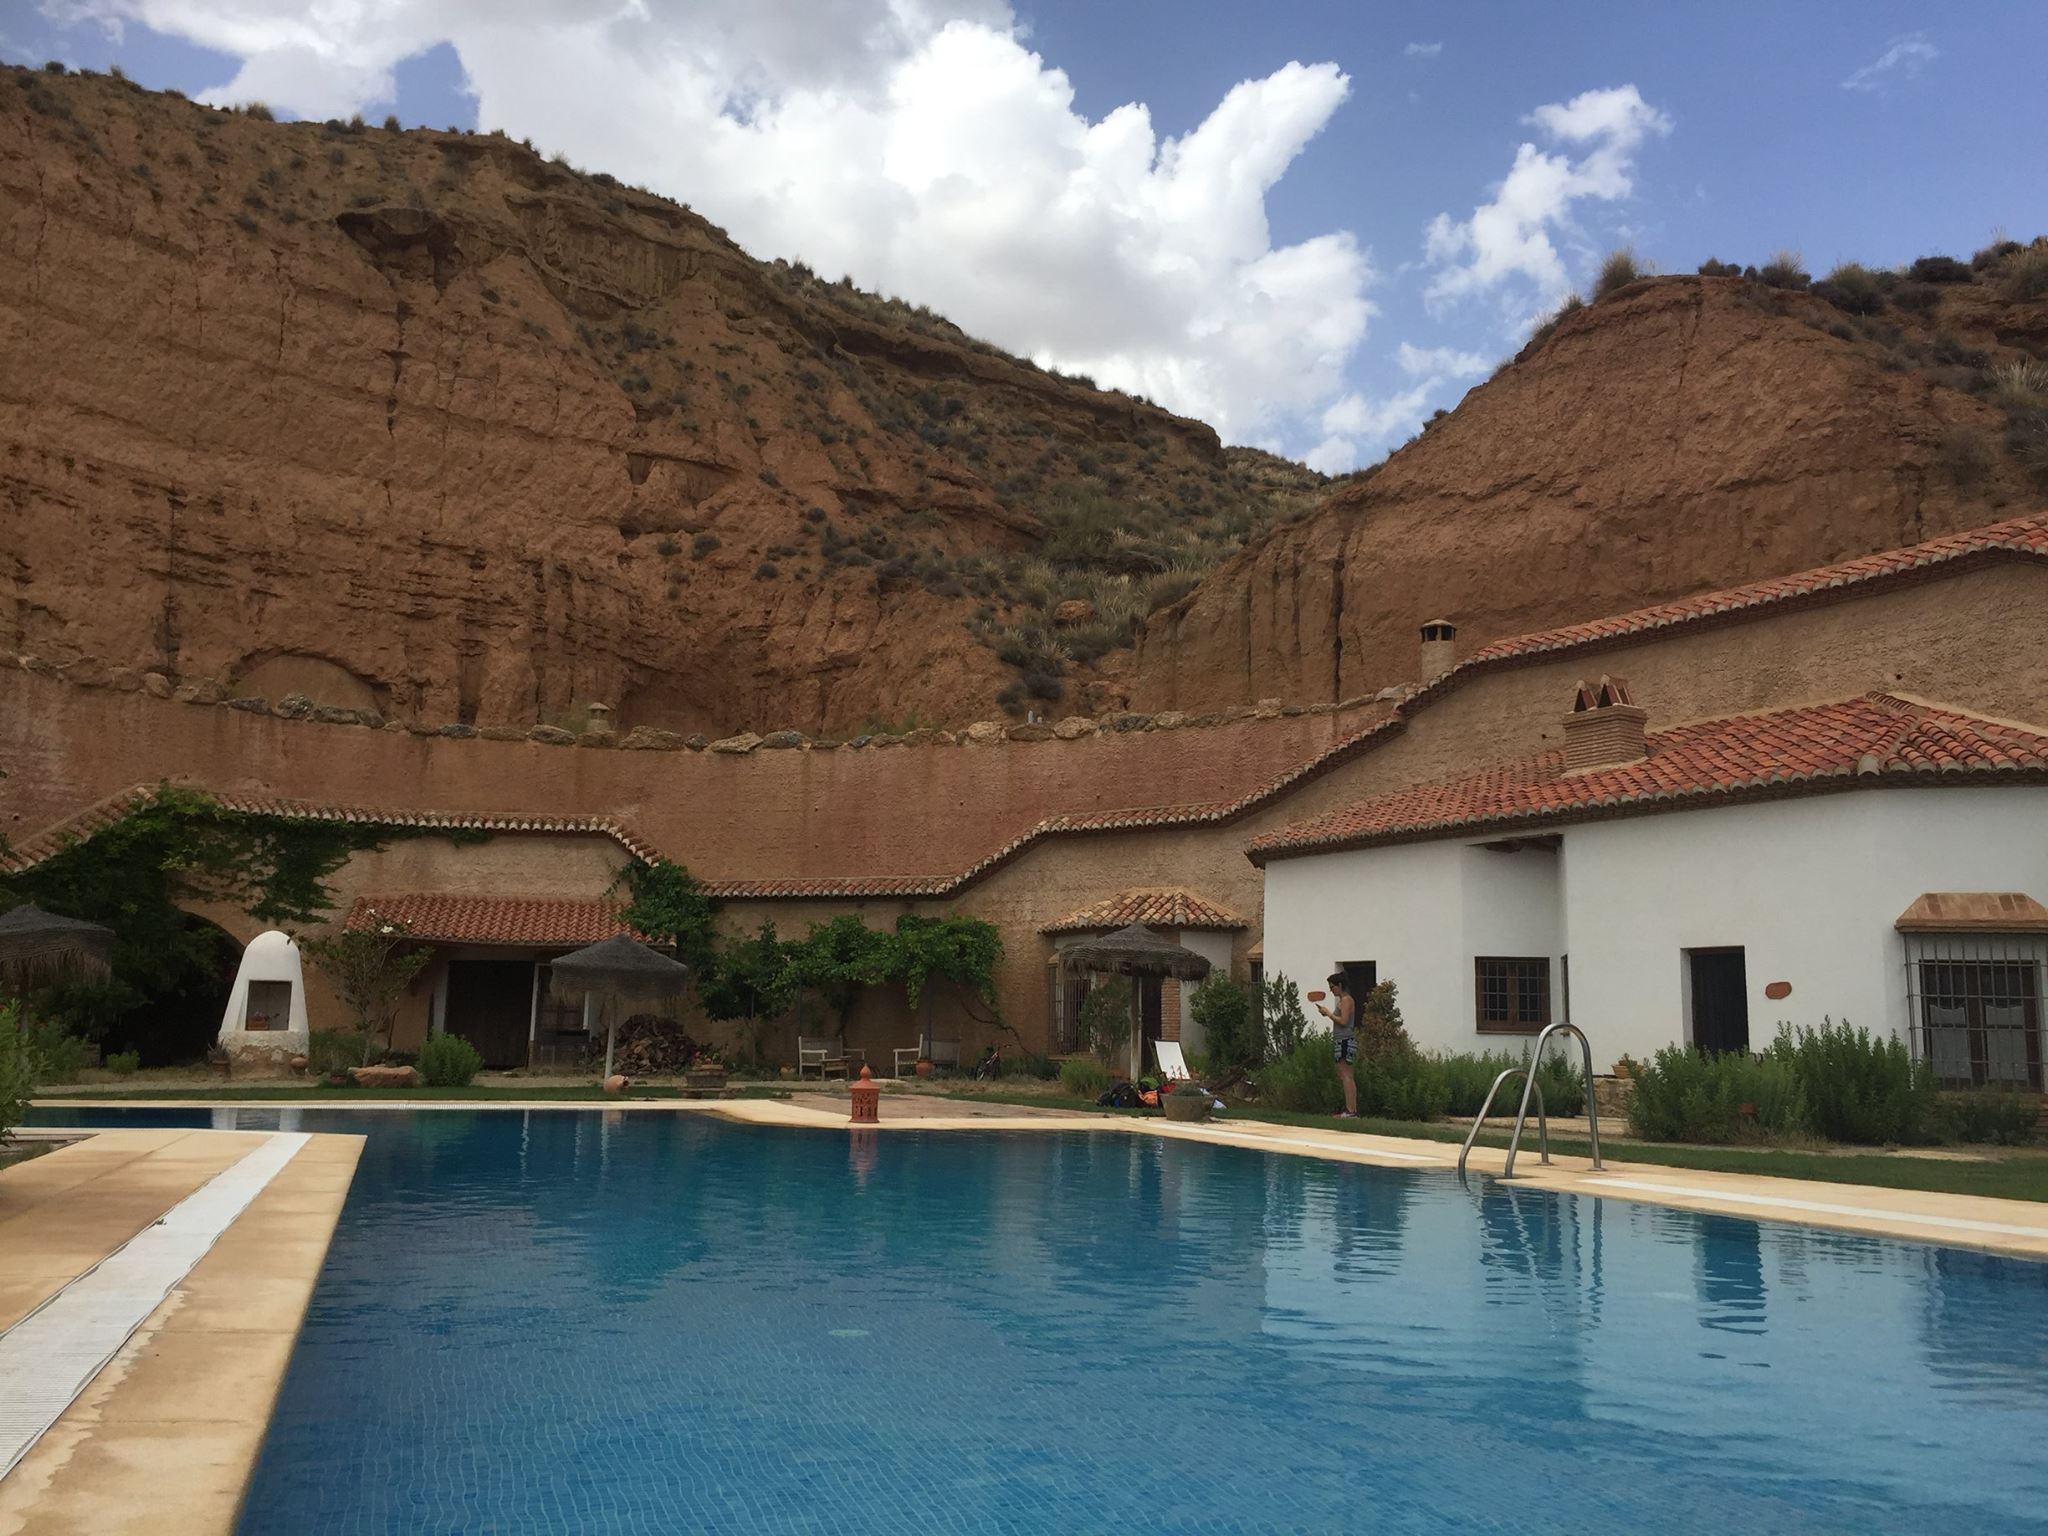 Casas Cuevas Almagruz Granada #Grxperience